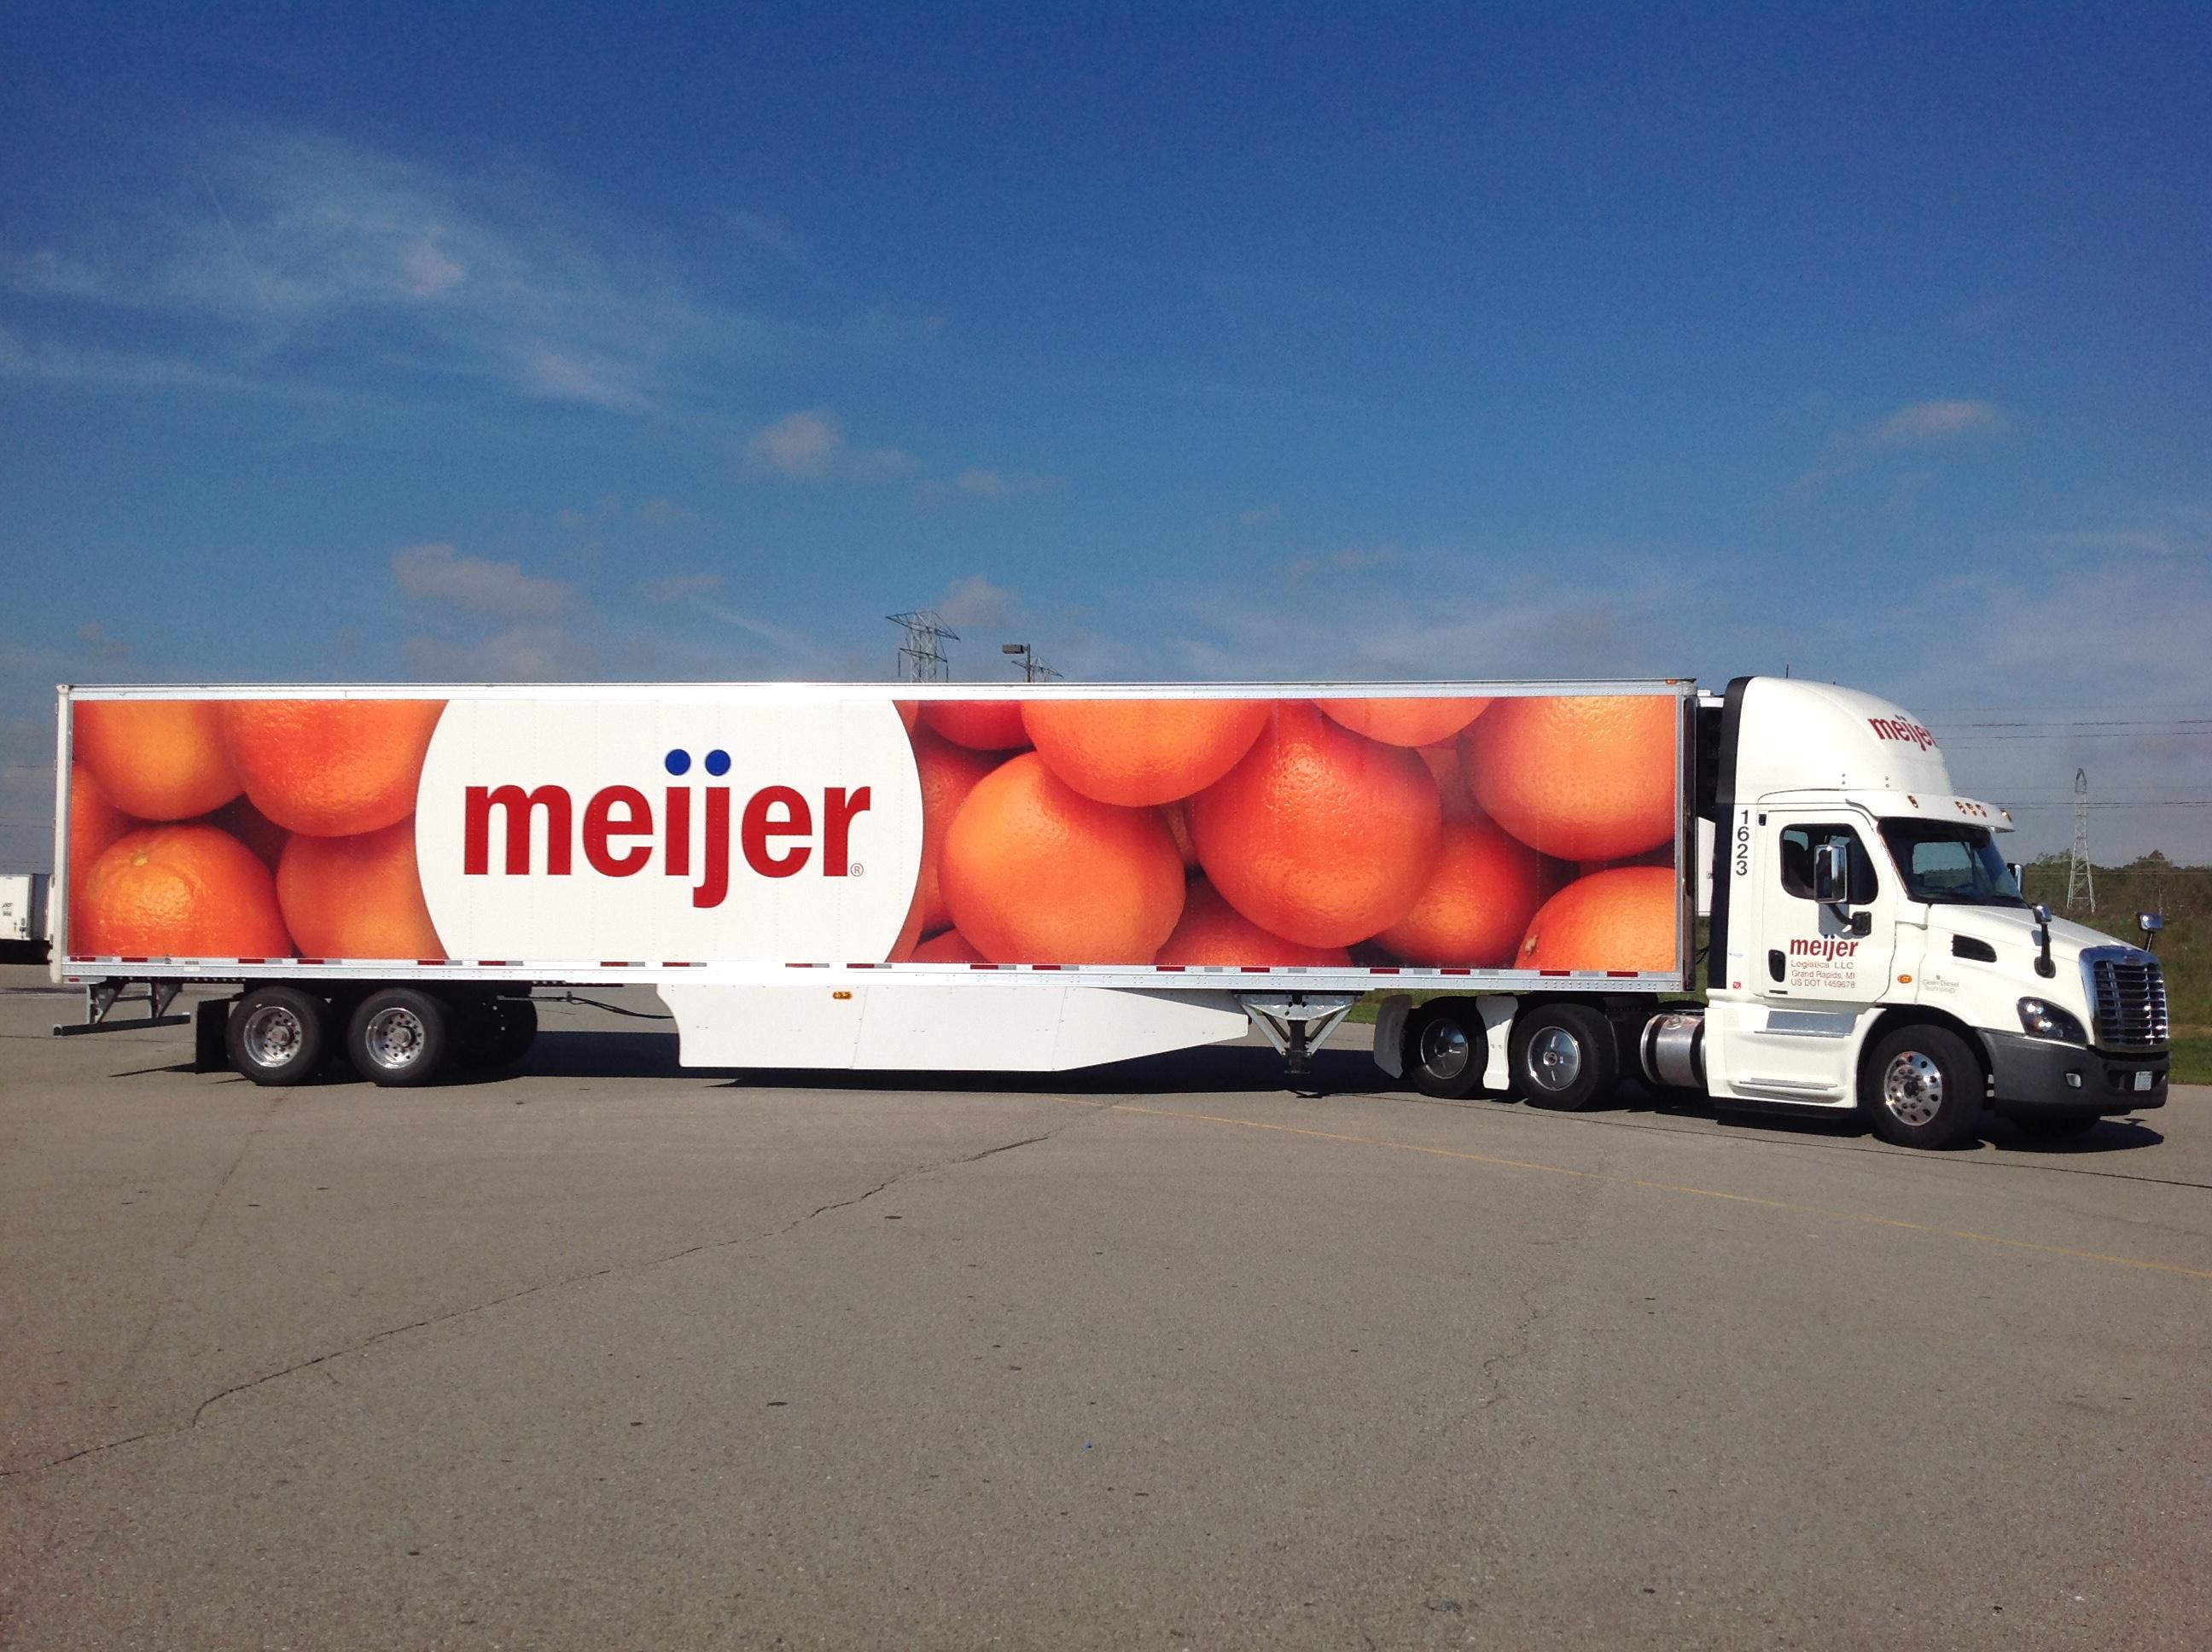 Meijer truck